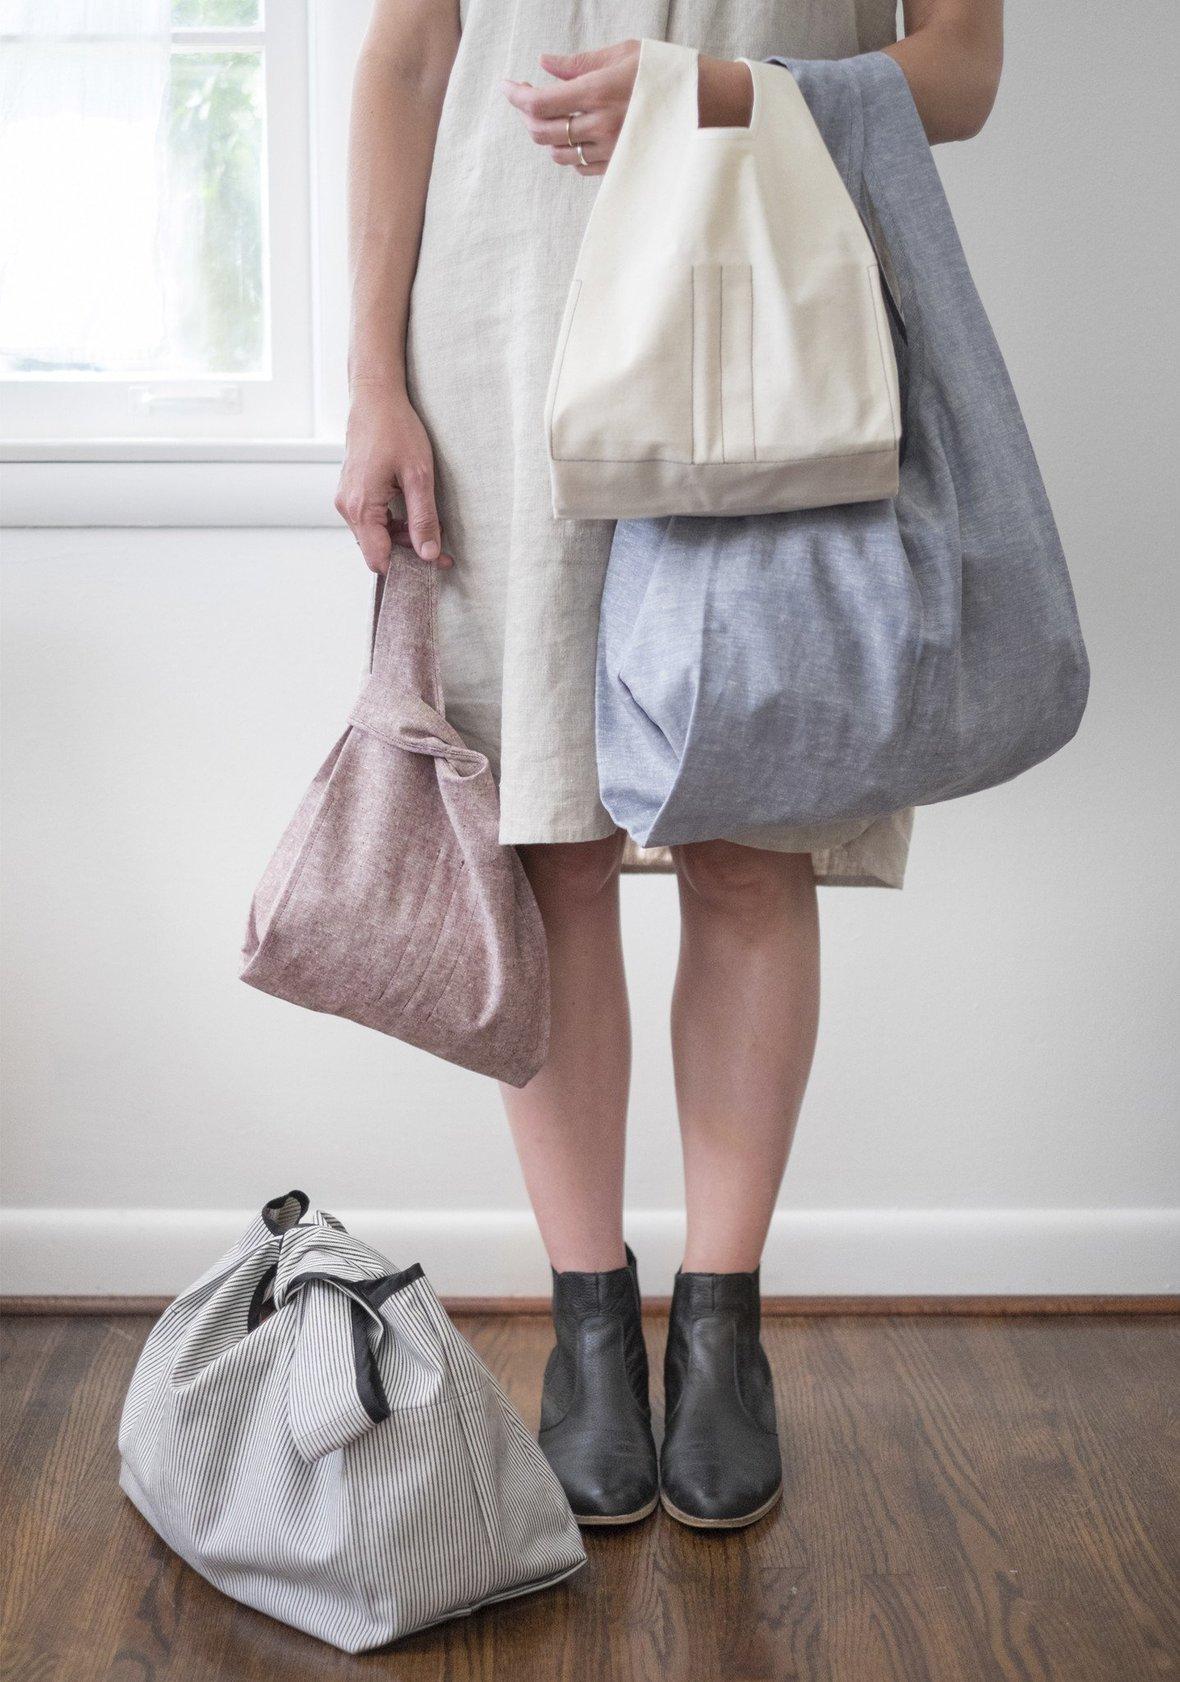 grainline studio  stowe bag sewing pattern